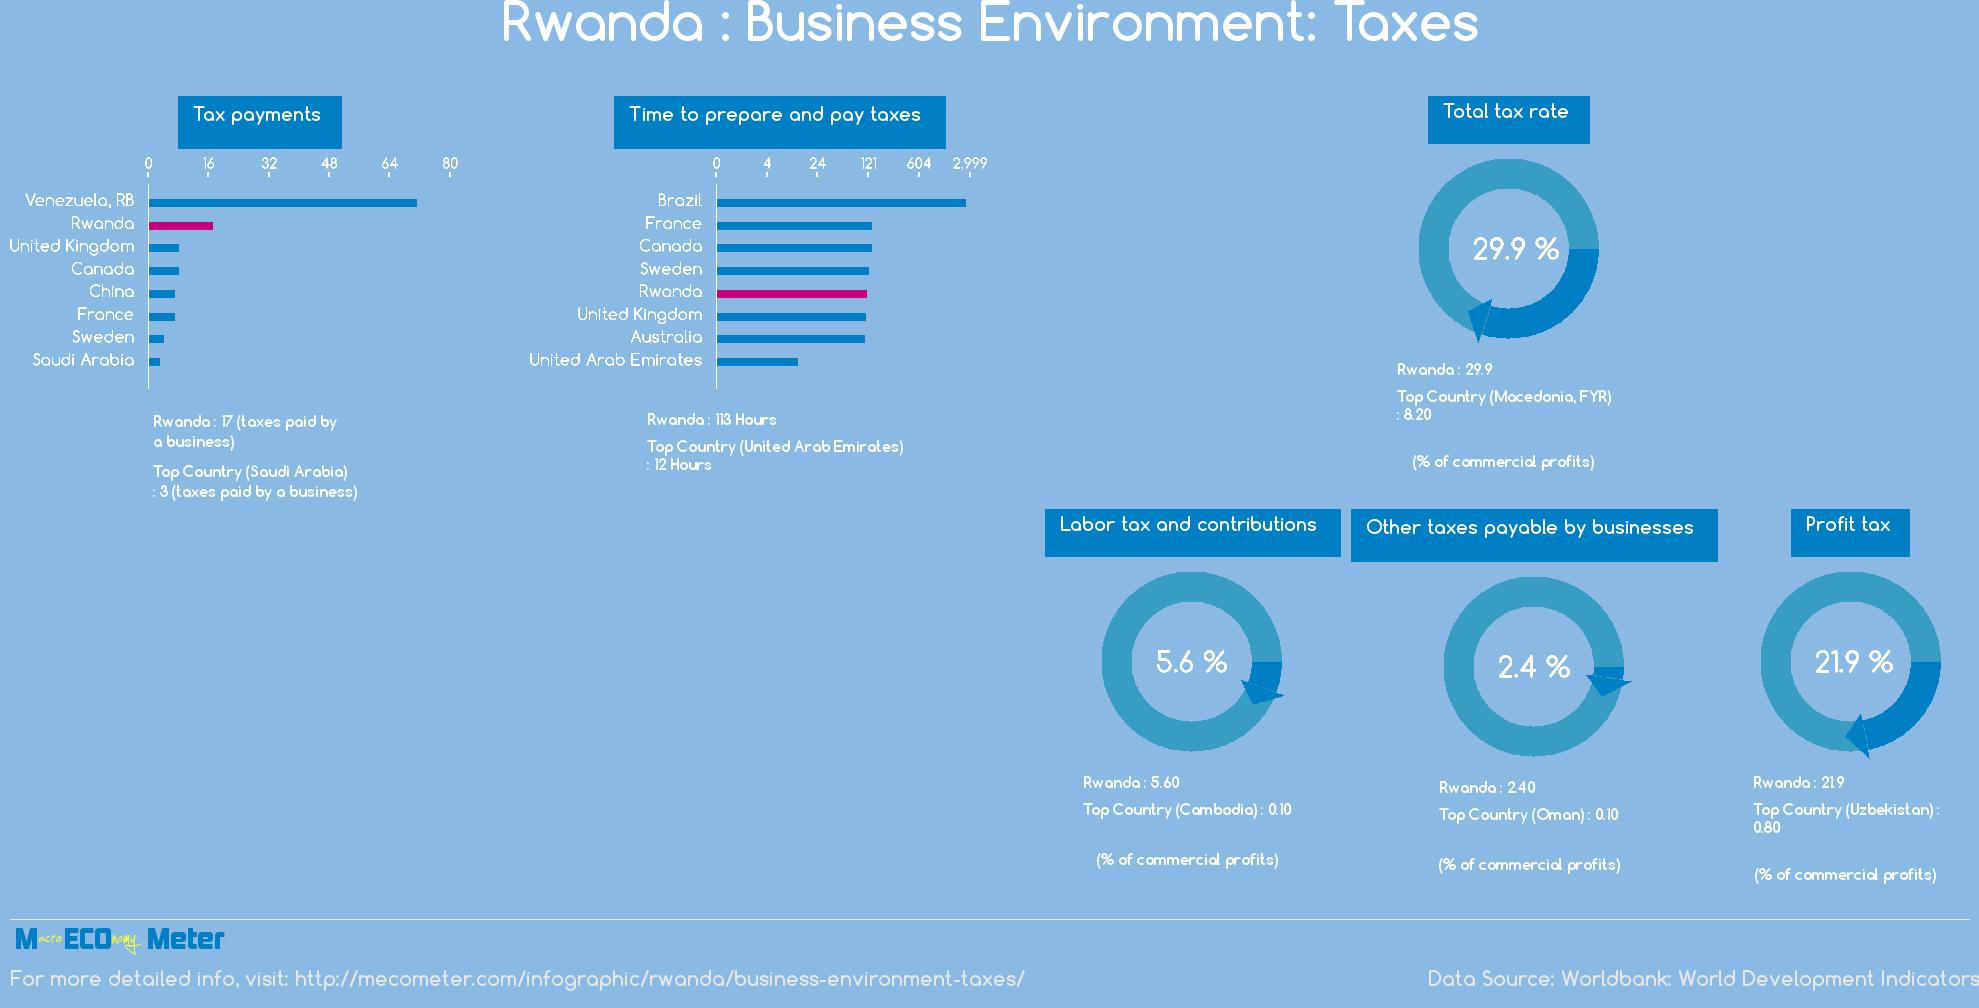 Rwanda : Business Environment: Taxes